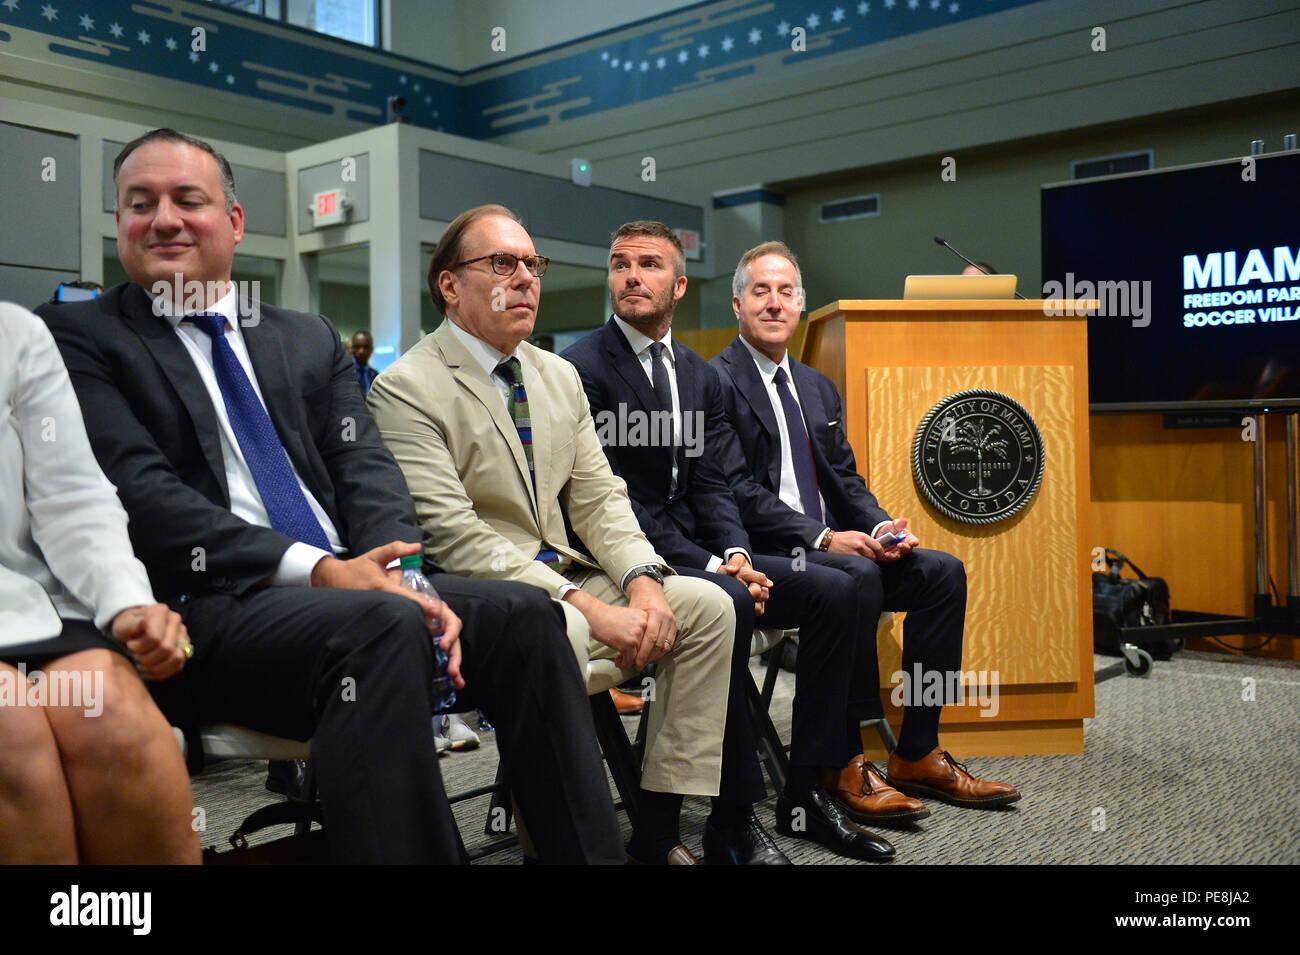 David Beckham R Stock Photos David Beckham R Stock Images Alamy